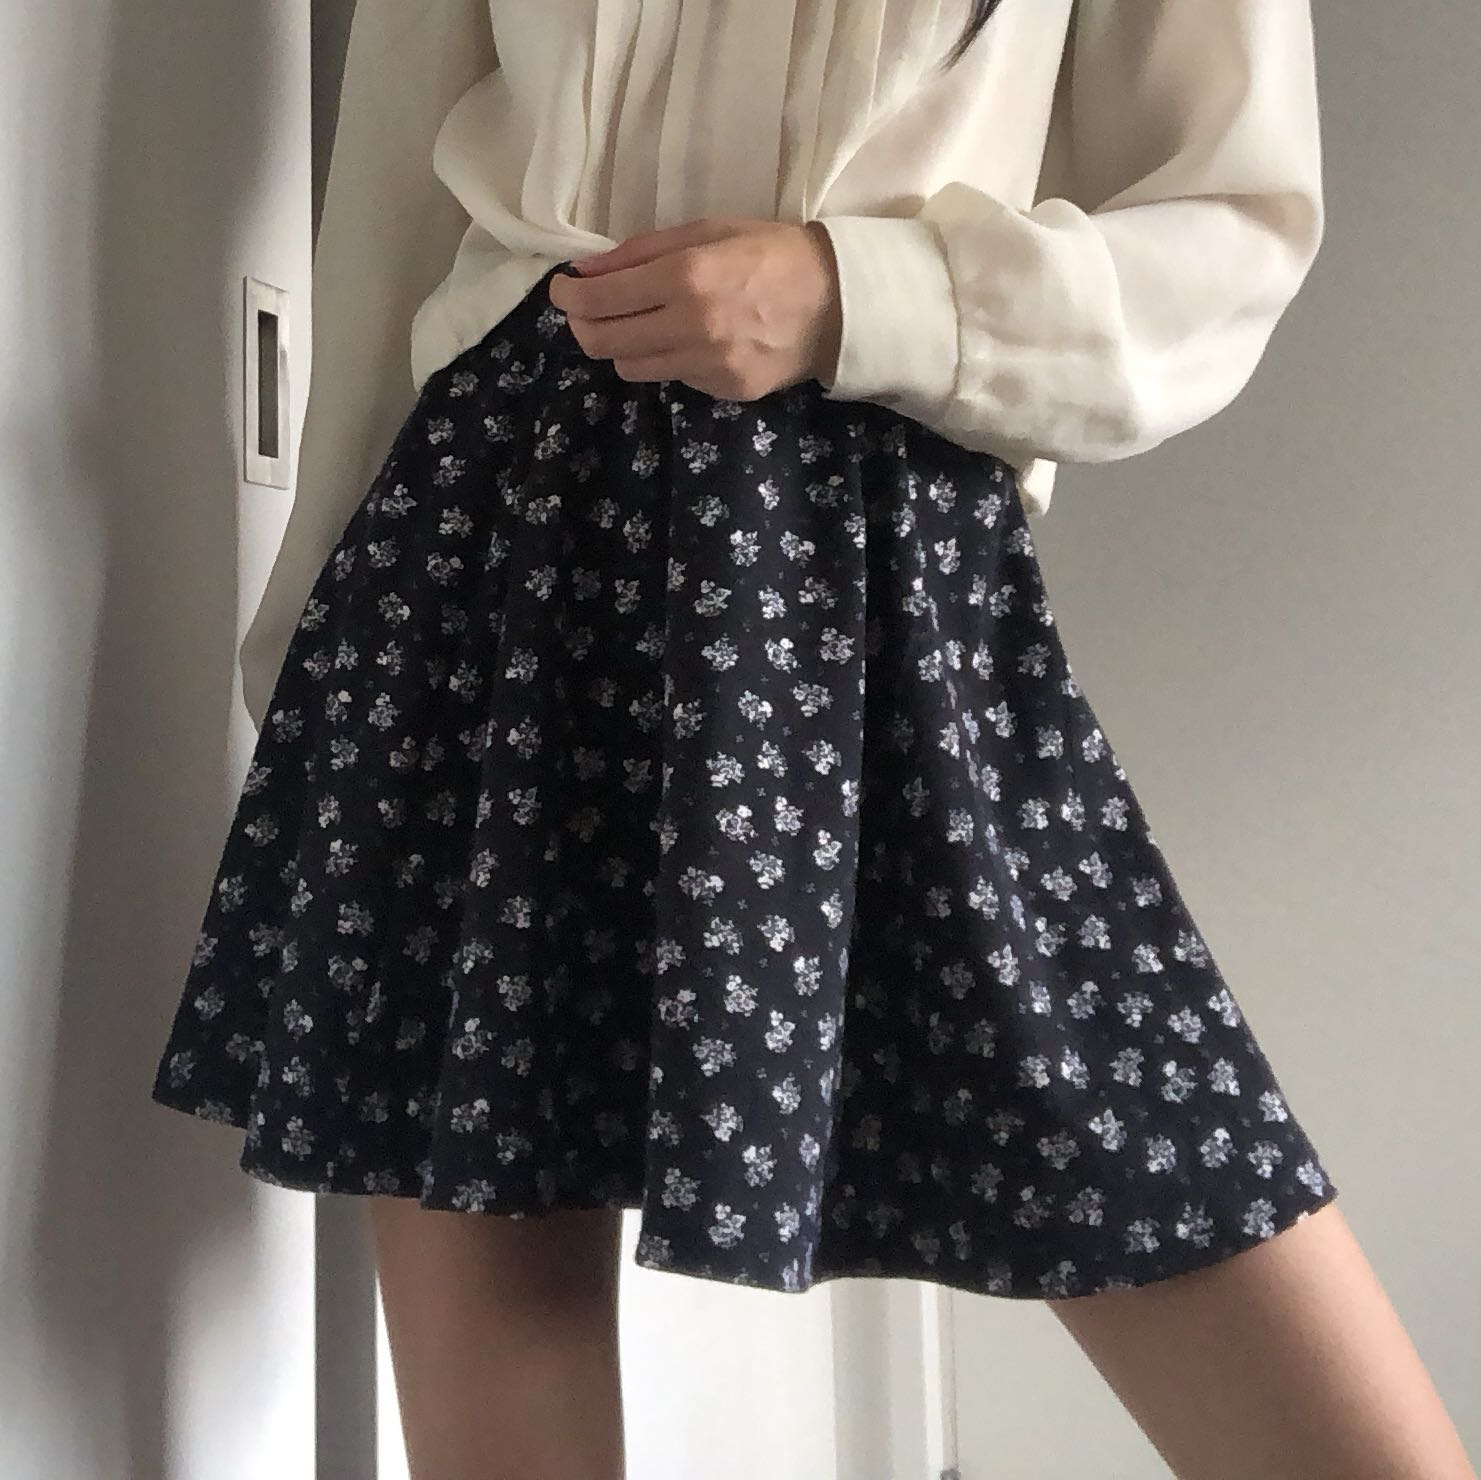 Dainty floral print skater skirt